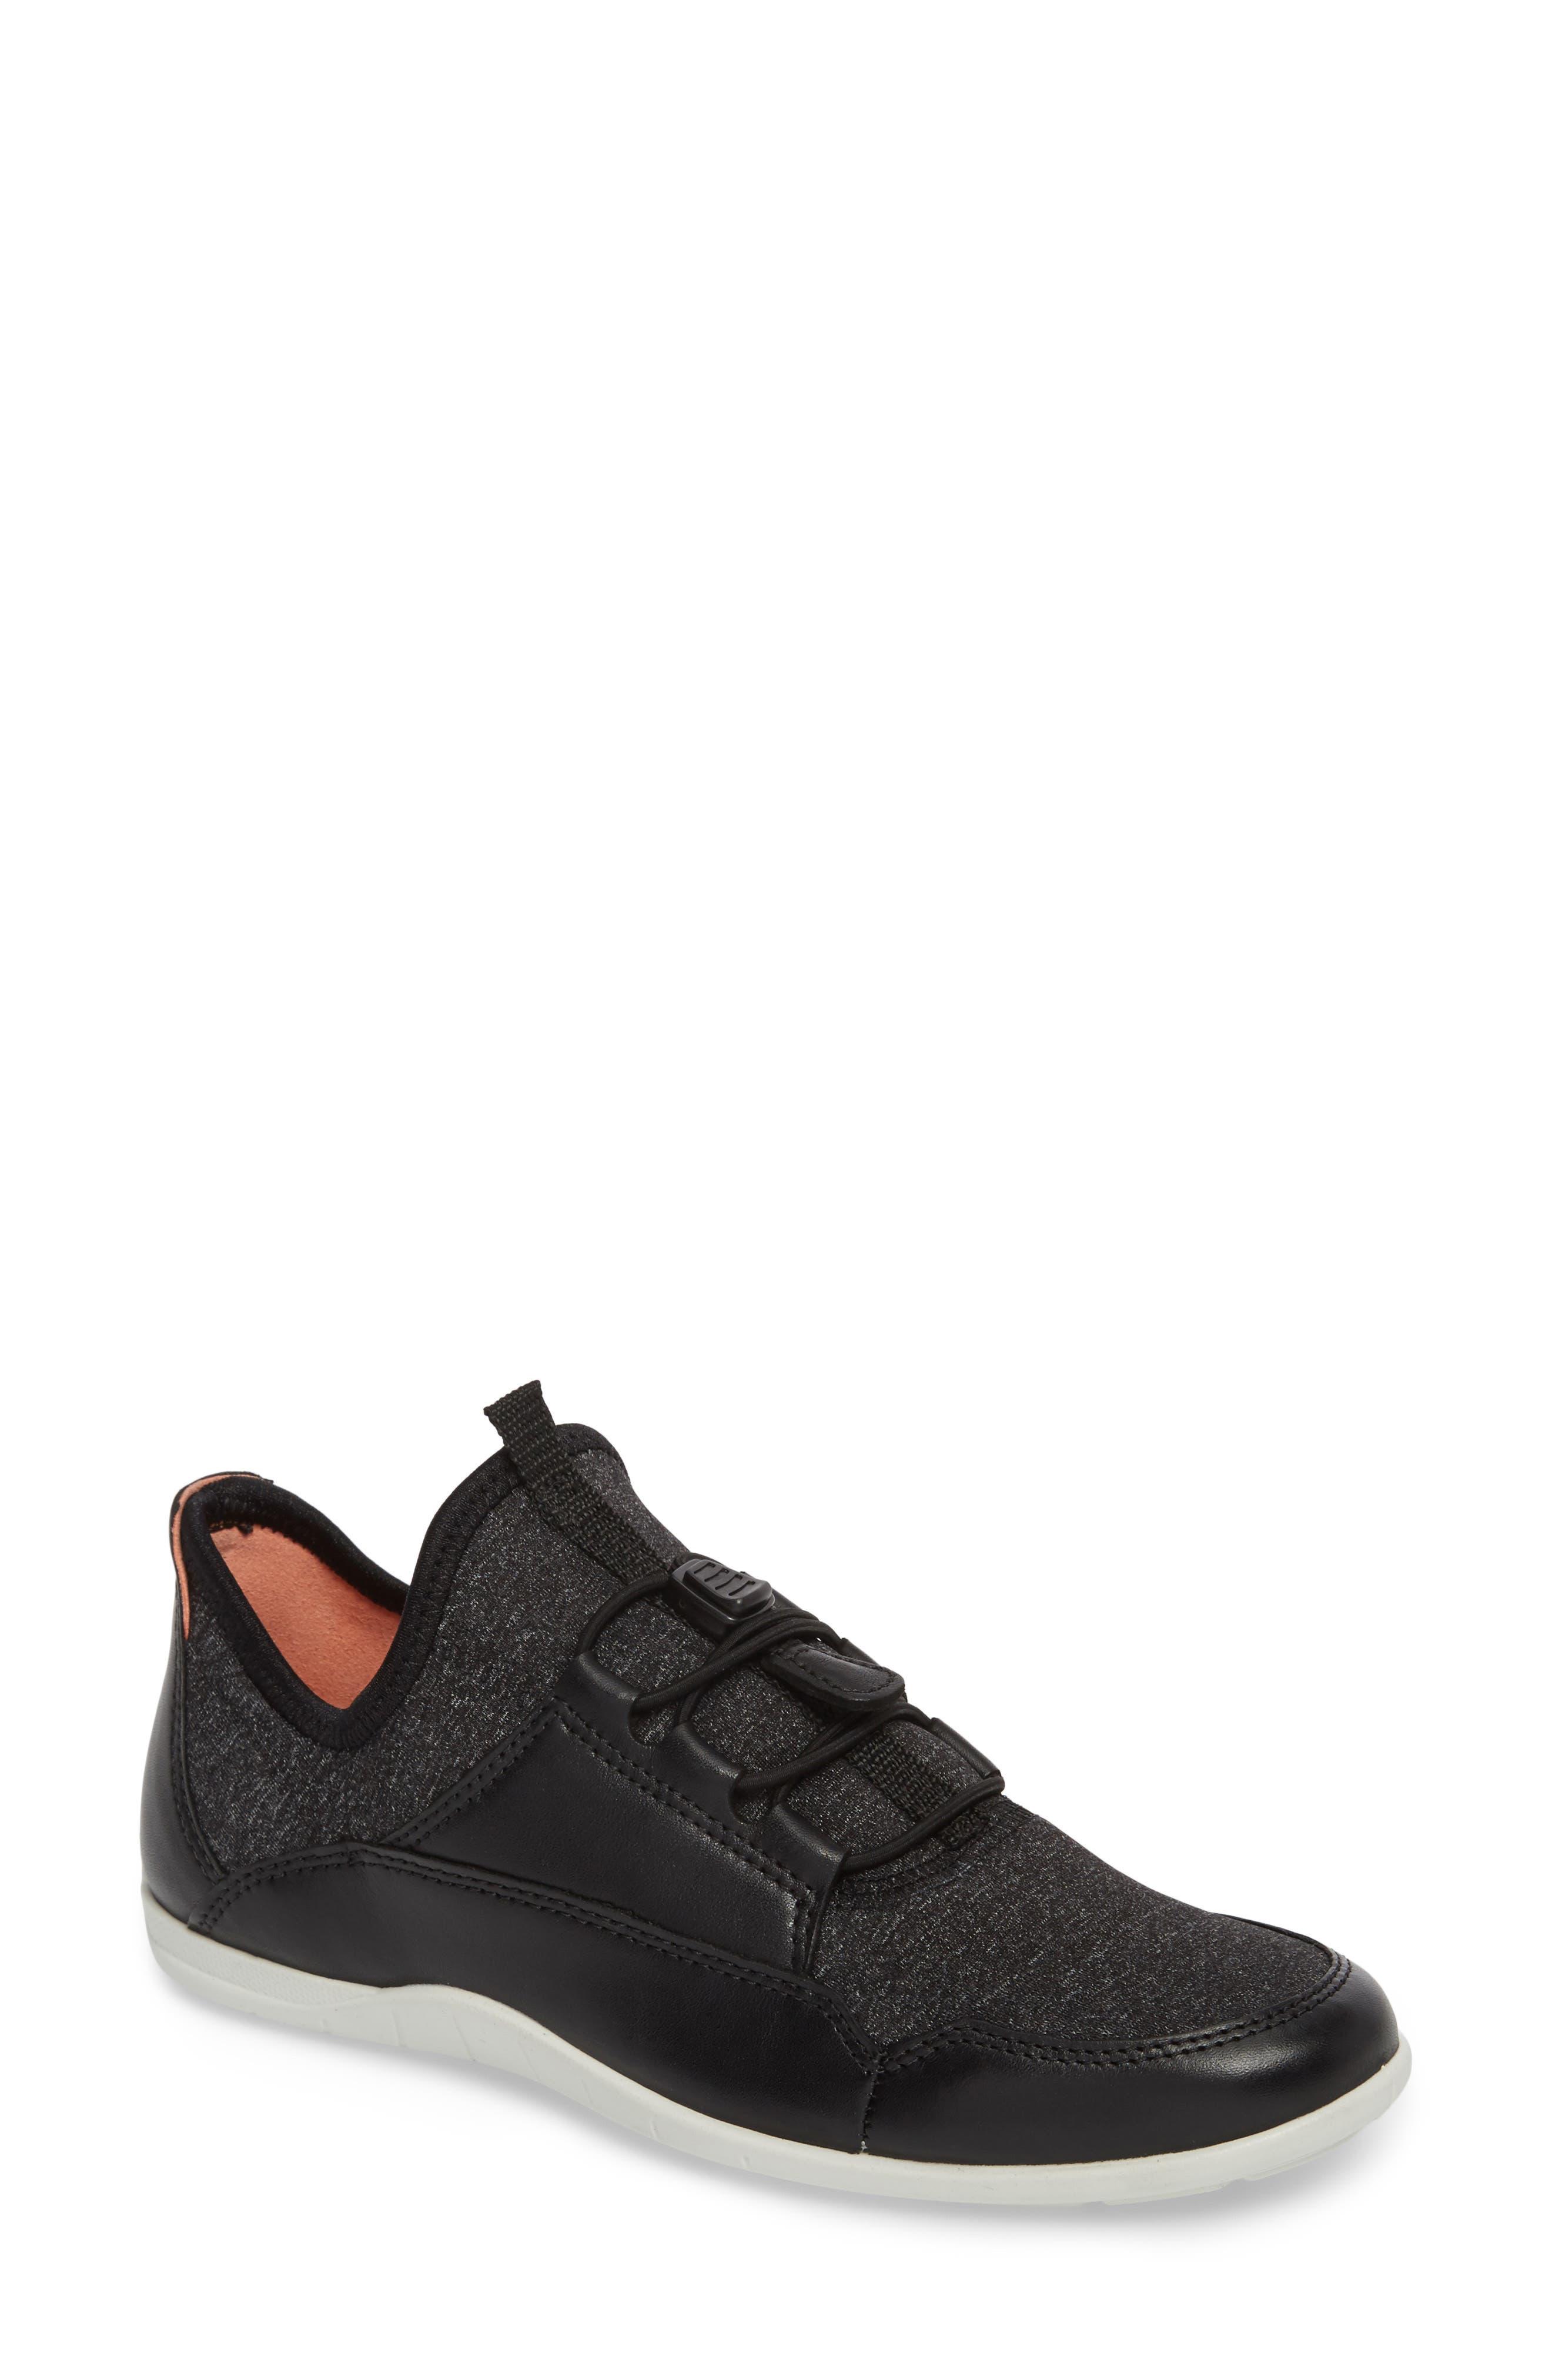 Bluma Speedlace Sneaker,                         Main,                         color, 001